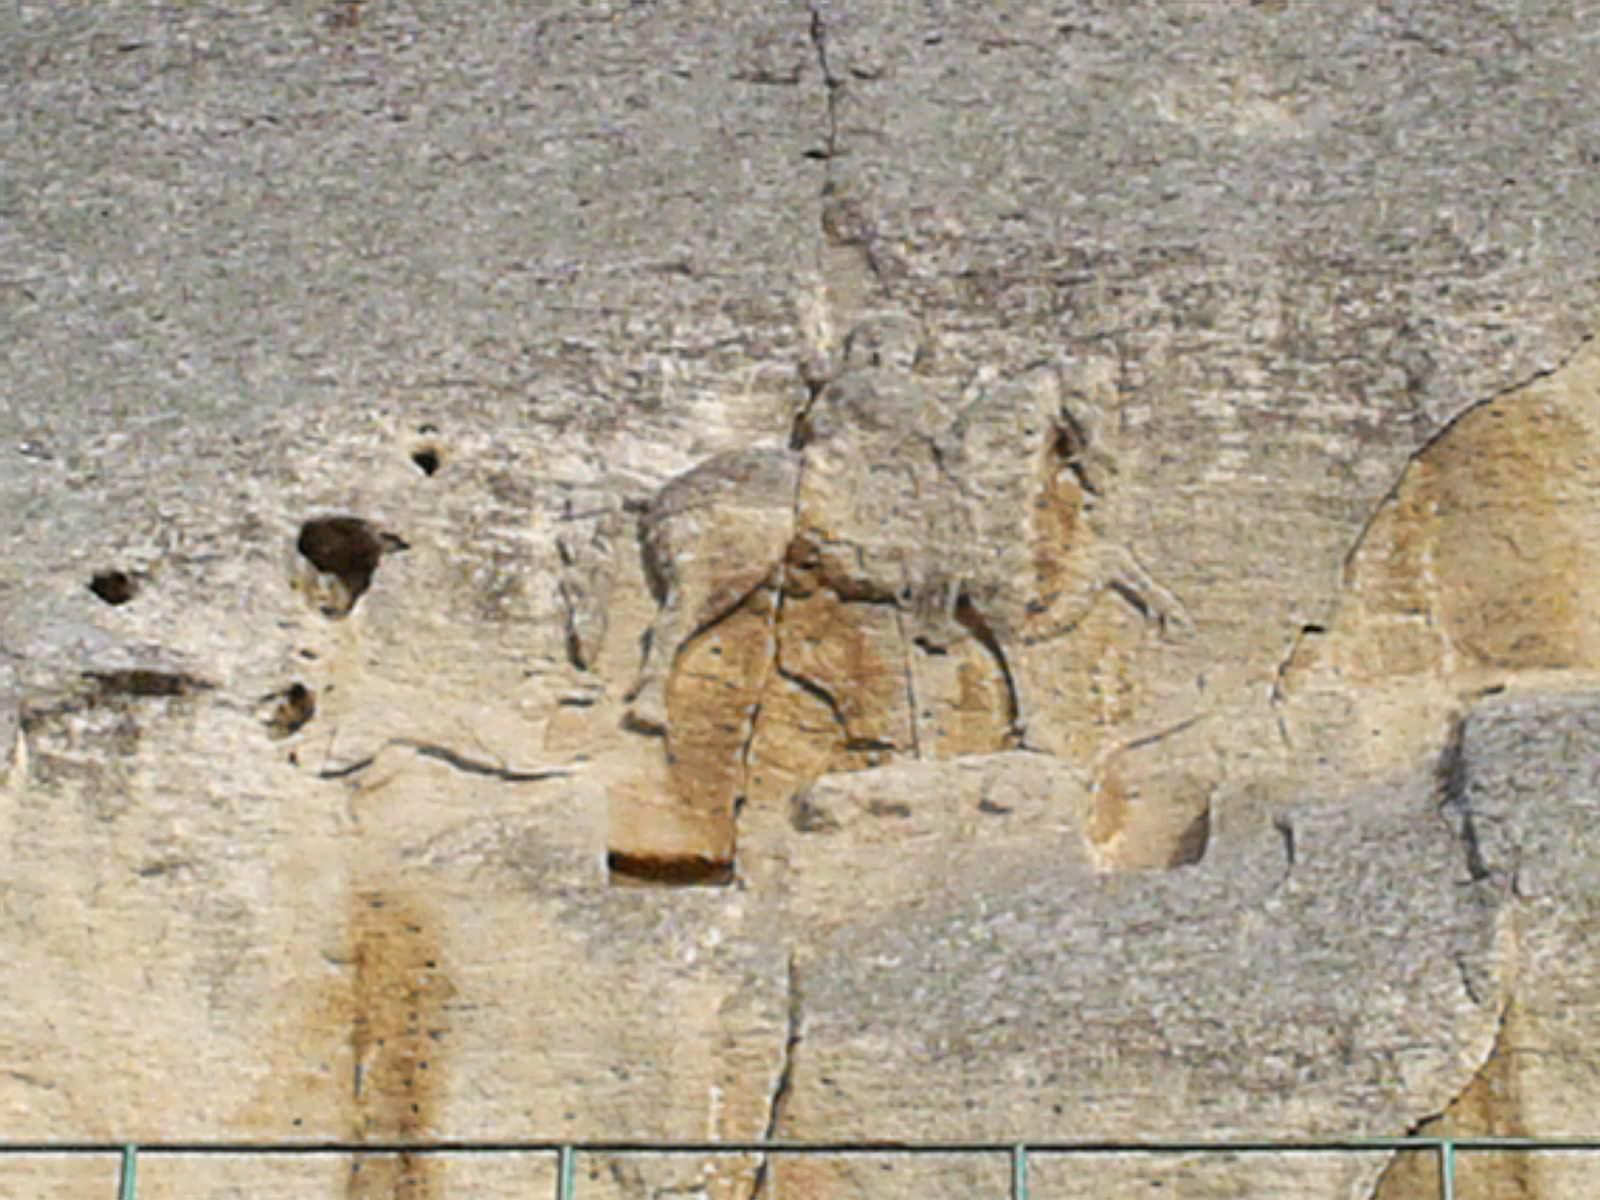 Der Reiter von Madara zählt zum kulturellen Erbe der Bulgaren und der UNESCO